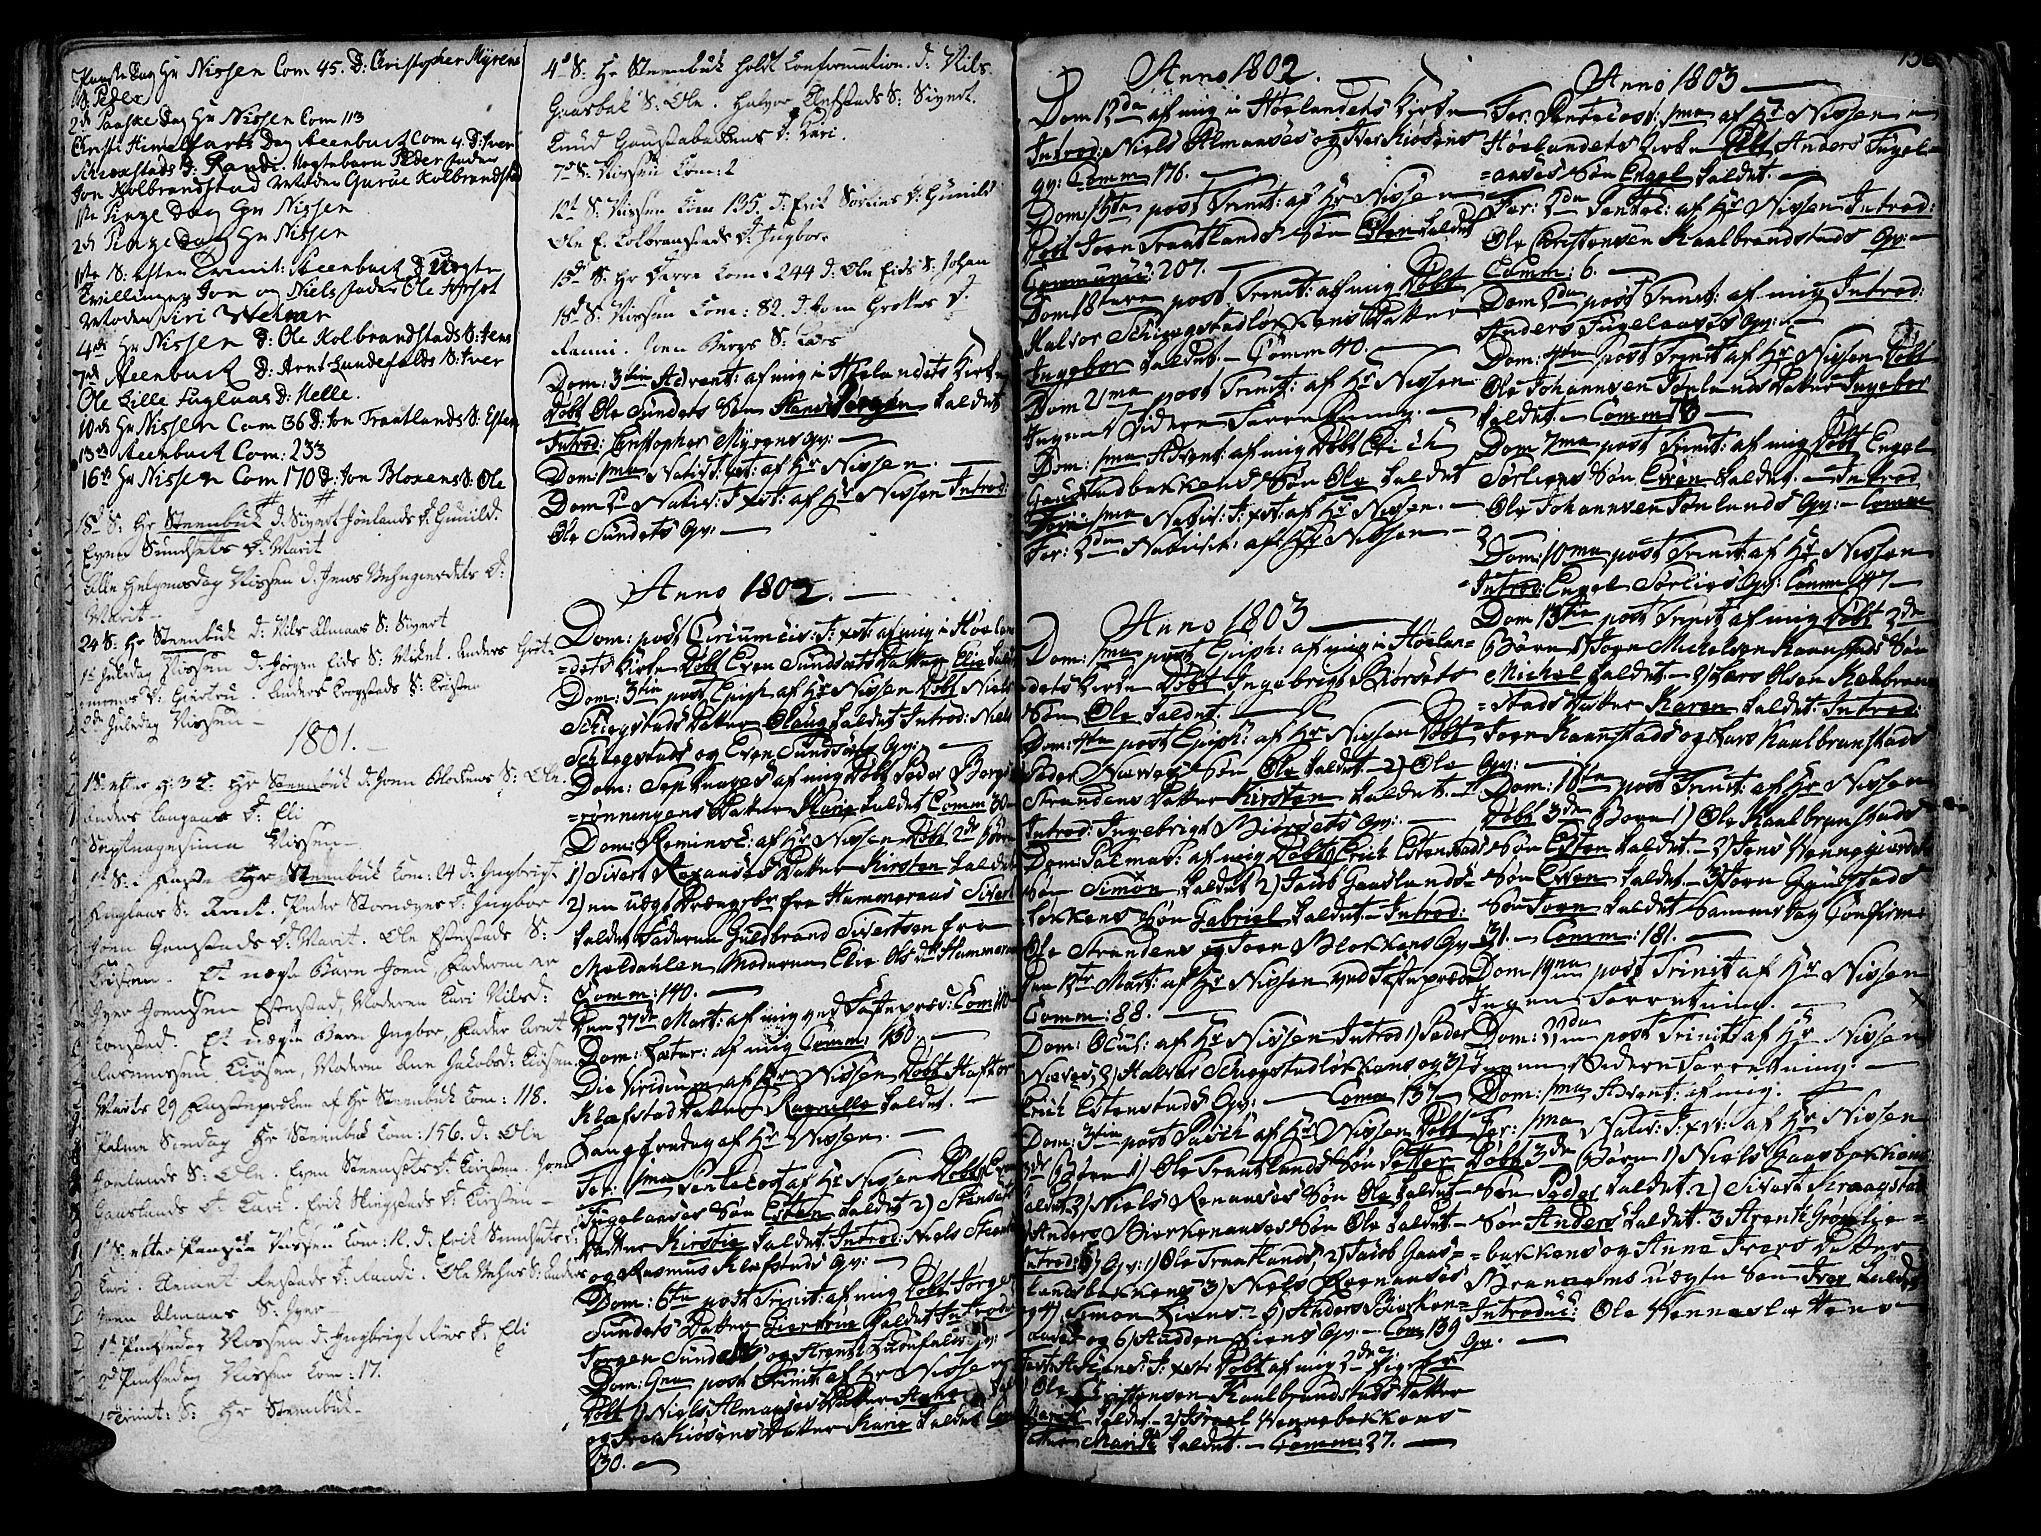 SAT, Ministerialprotokoller, klokkerbøker og fødselsregistre - Sør-Trøndelag, 691/L1064: Ministerialbok nr. 691A02 /4, 1768-1815, s. 156